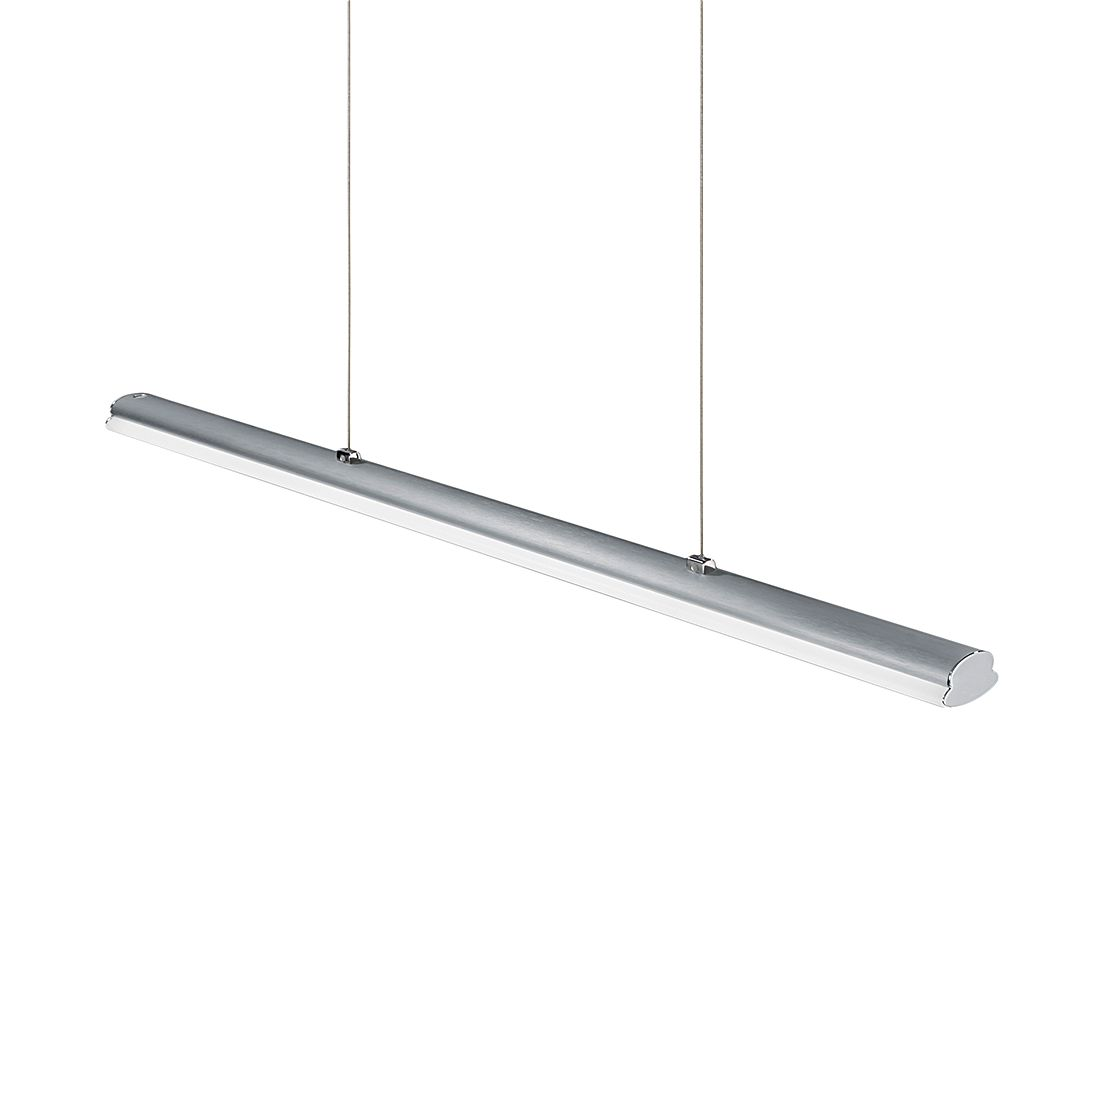 Pendelleuchte VENTA ● Metall/Kunststoff ● Silber- Helestra A+